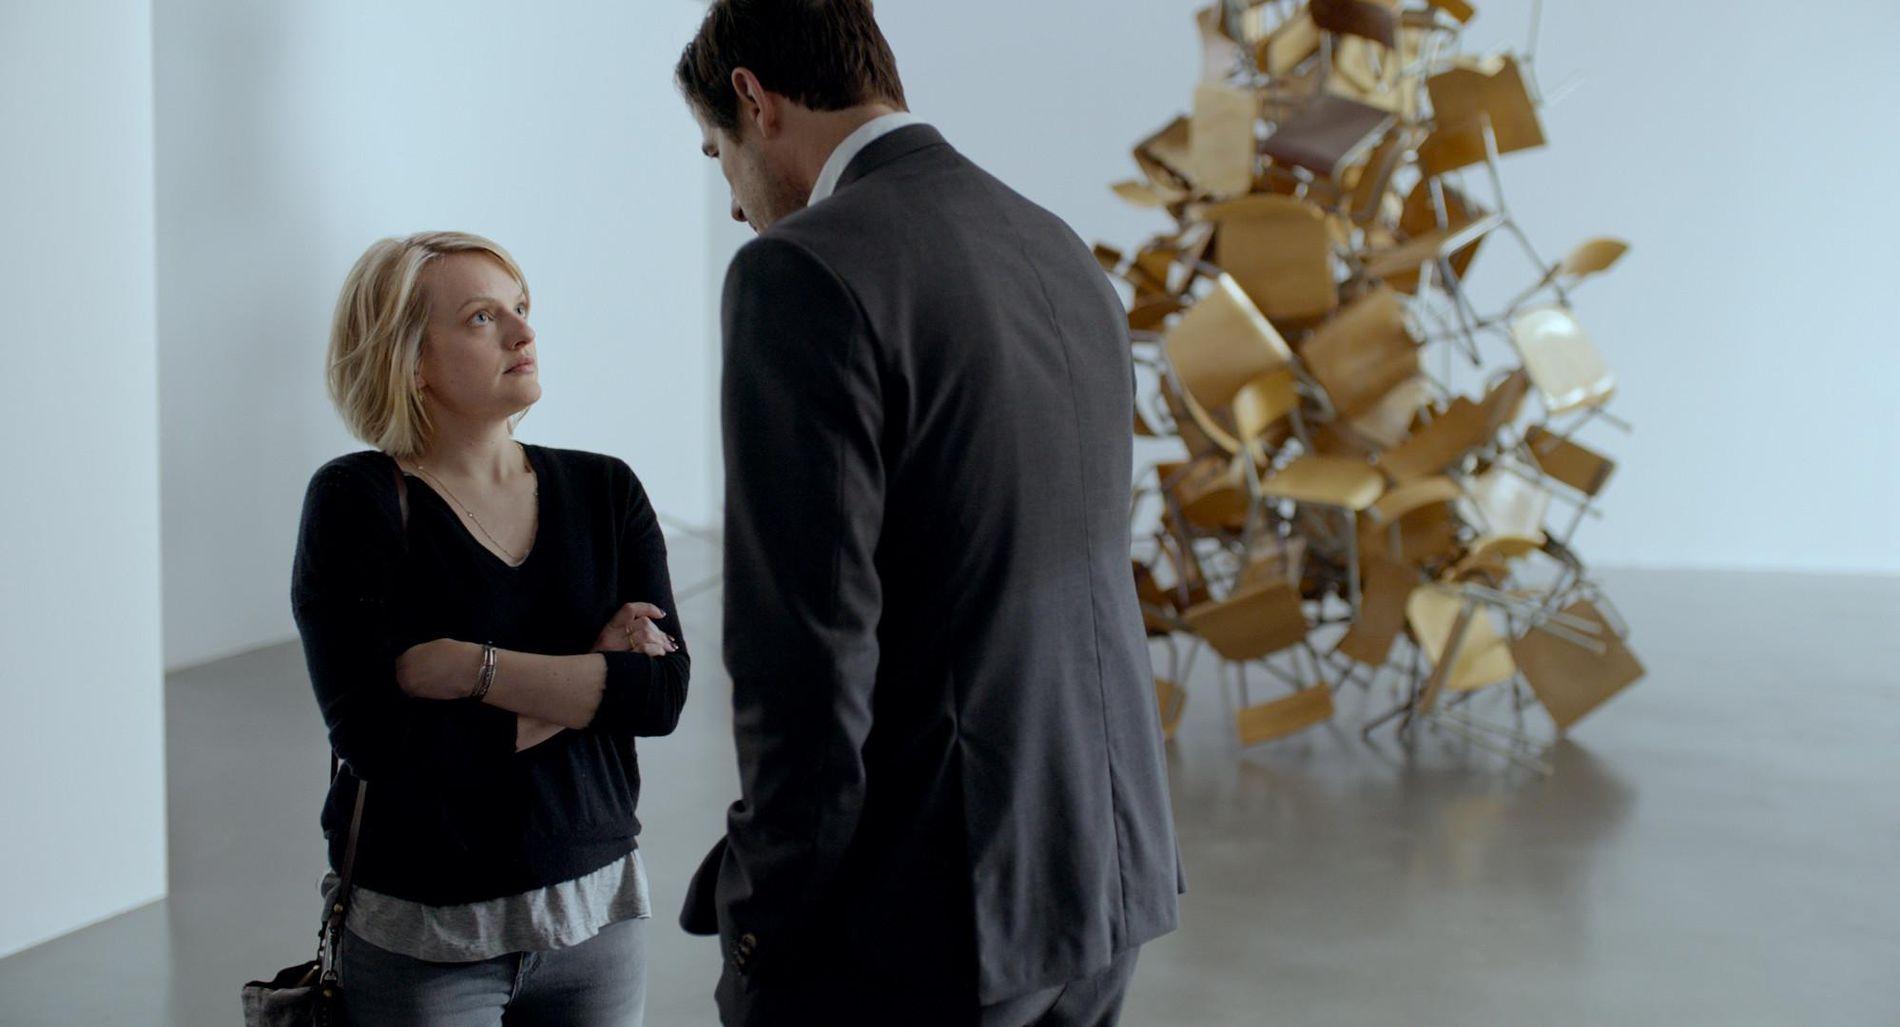 AVKLER KURATOREN: Elizabeth Moss i rollen som Anne og Claes Bang som museumskuratoren Christian.